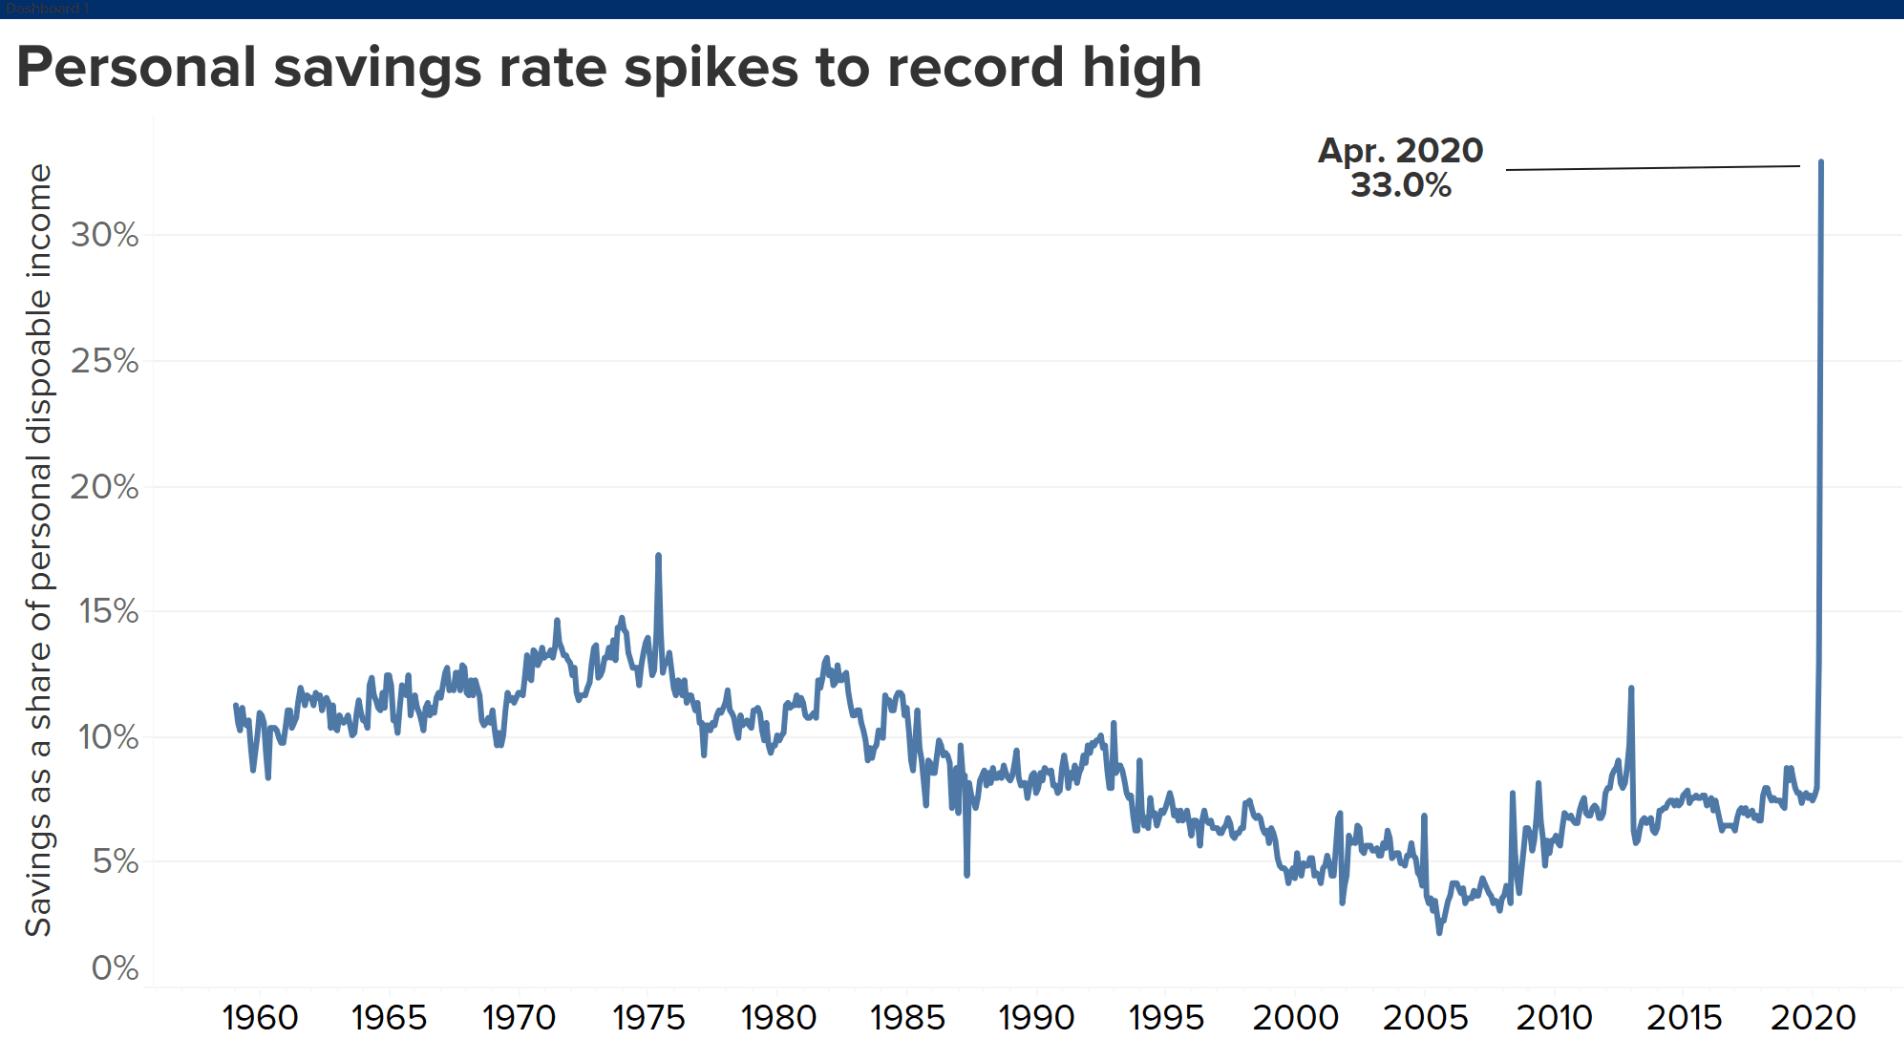 ABD' de tasarruf oranlarının artması ekonomistleri düşündürtüyor!